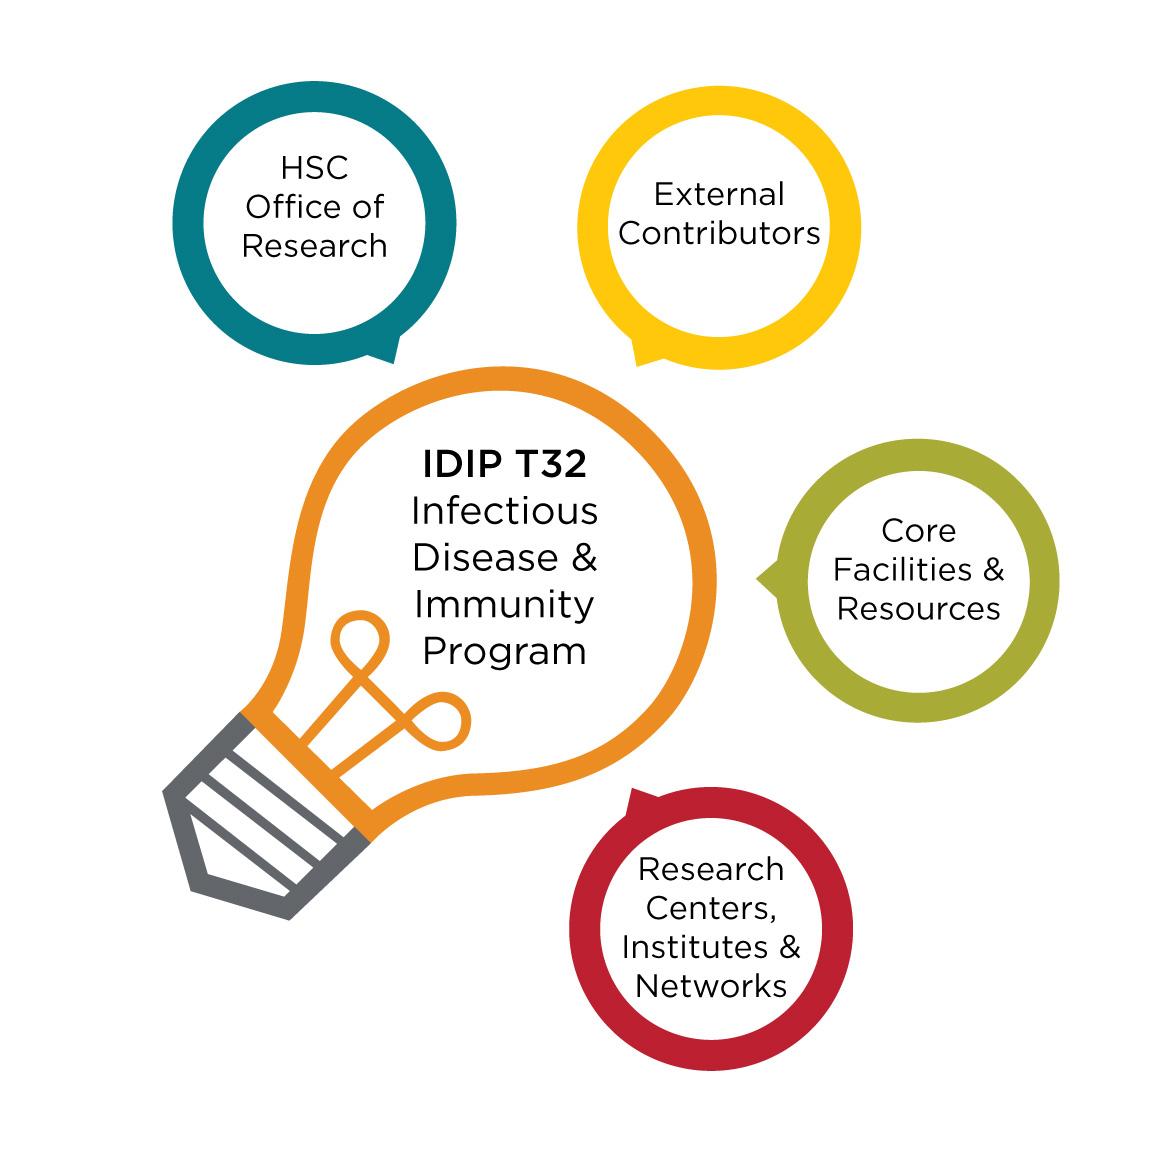 Um gráfico que descreve o que e quem participa do Programa de Doenças Infecciosas e Inflamação